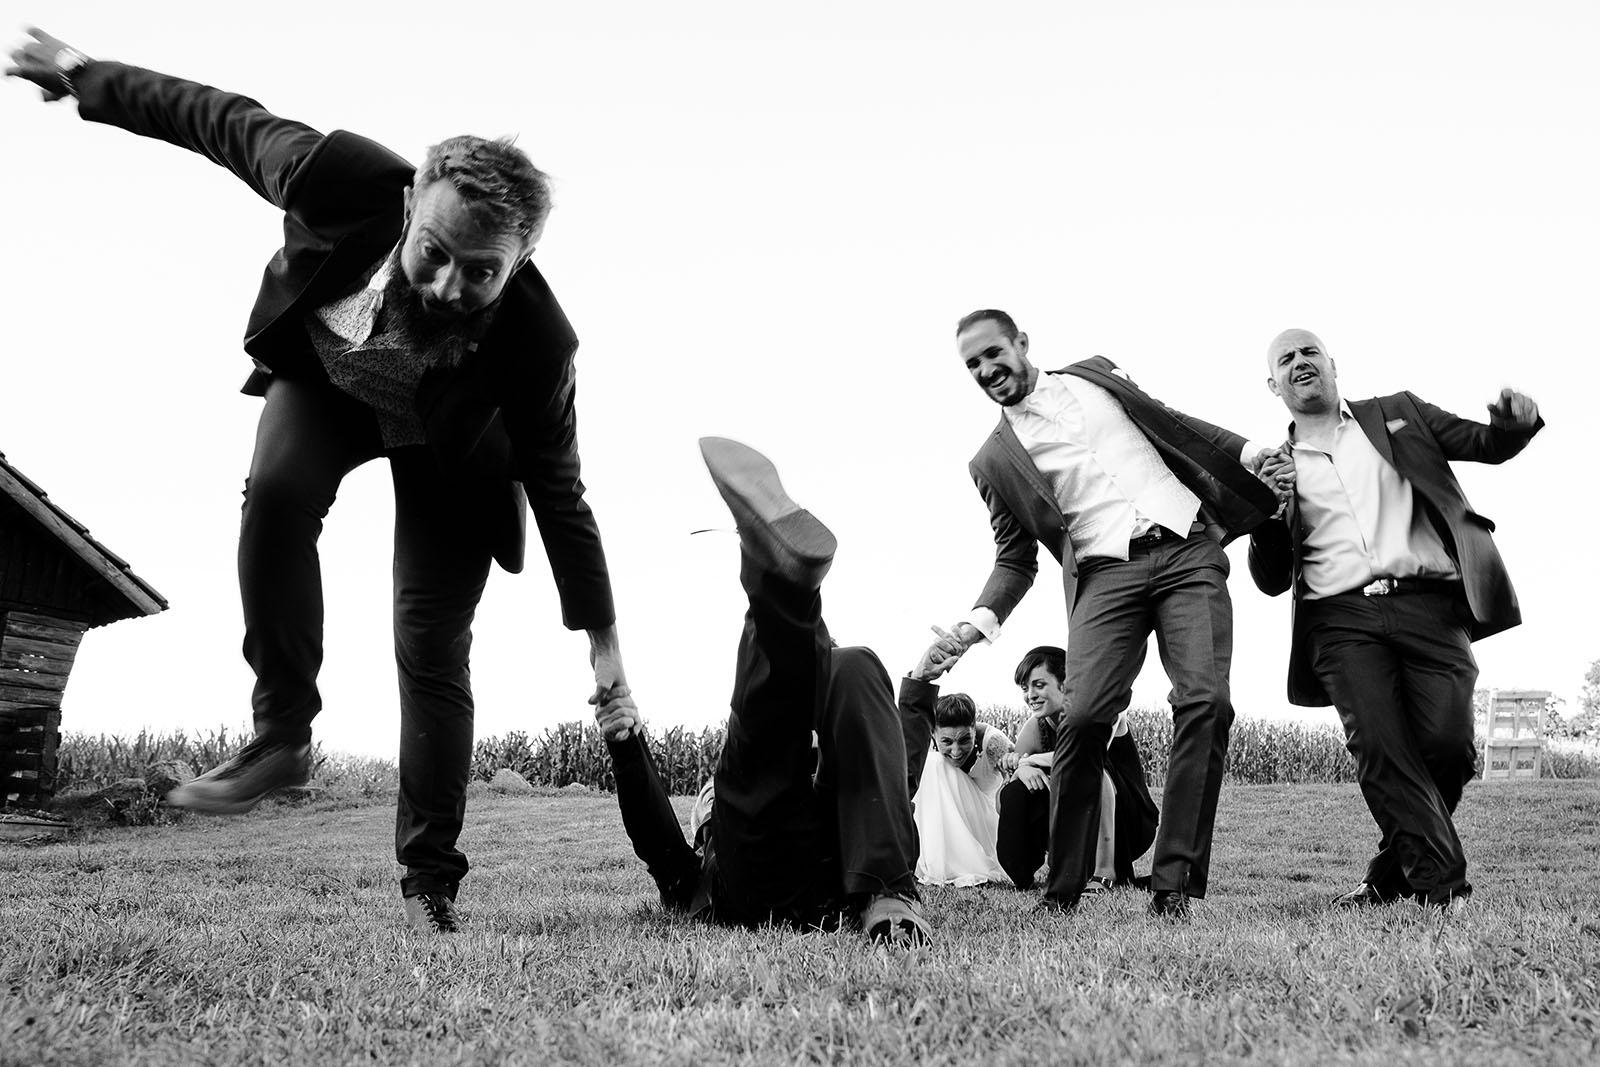 photographe de mariage Saint Etienne photo groupe créative